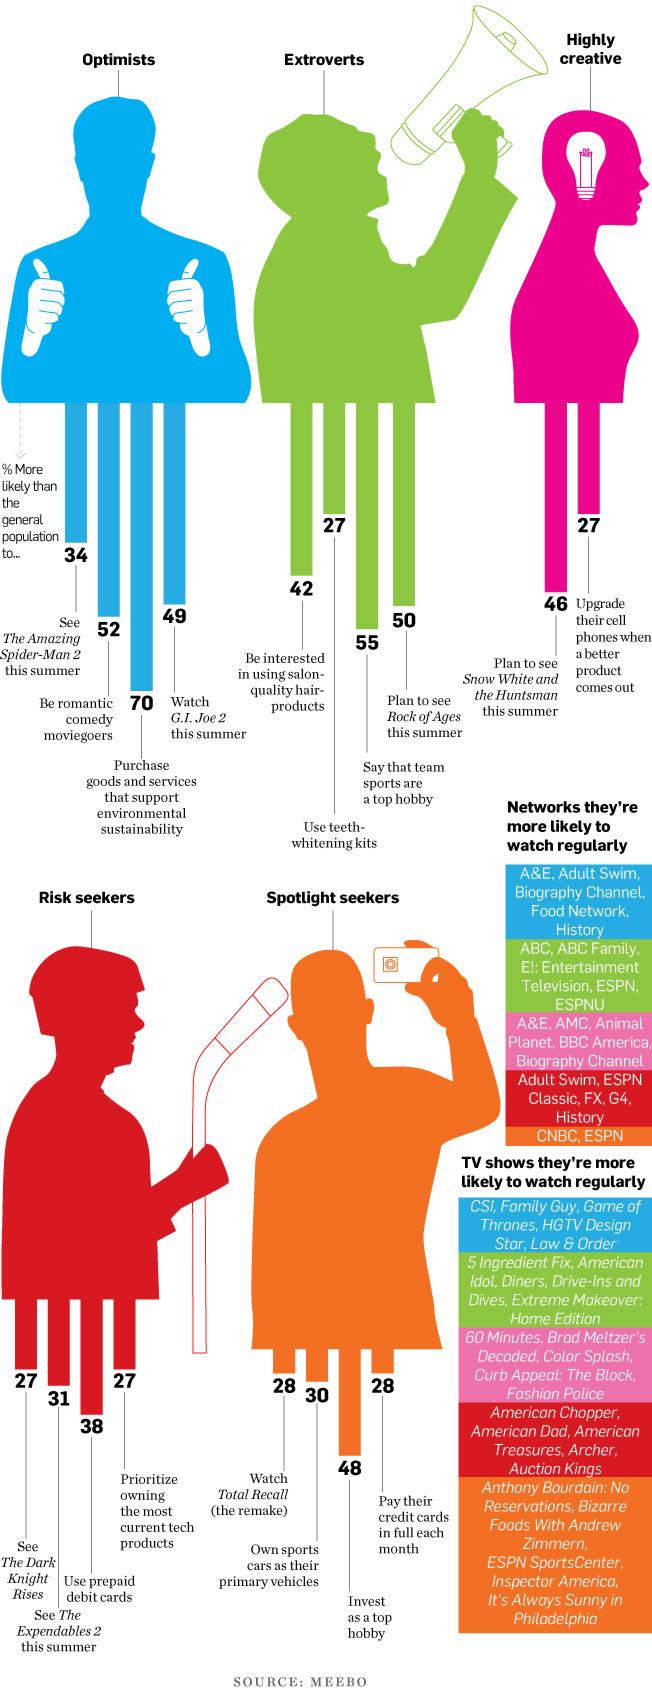 Data-moviegoers-01-2012